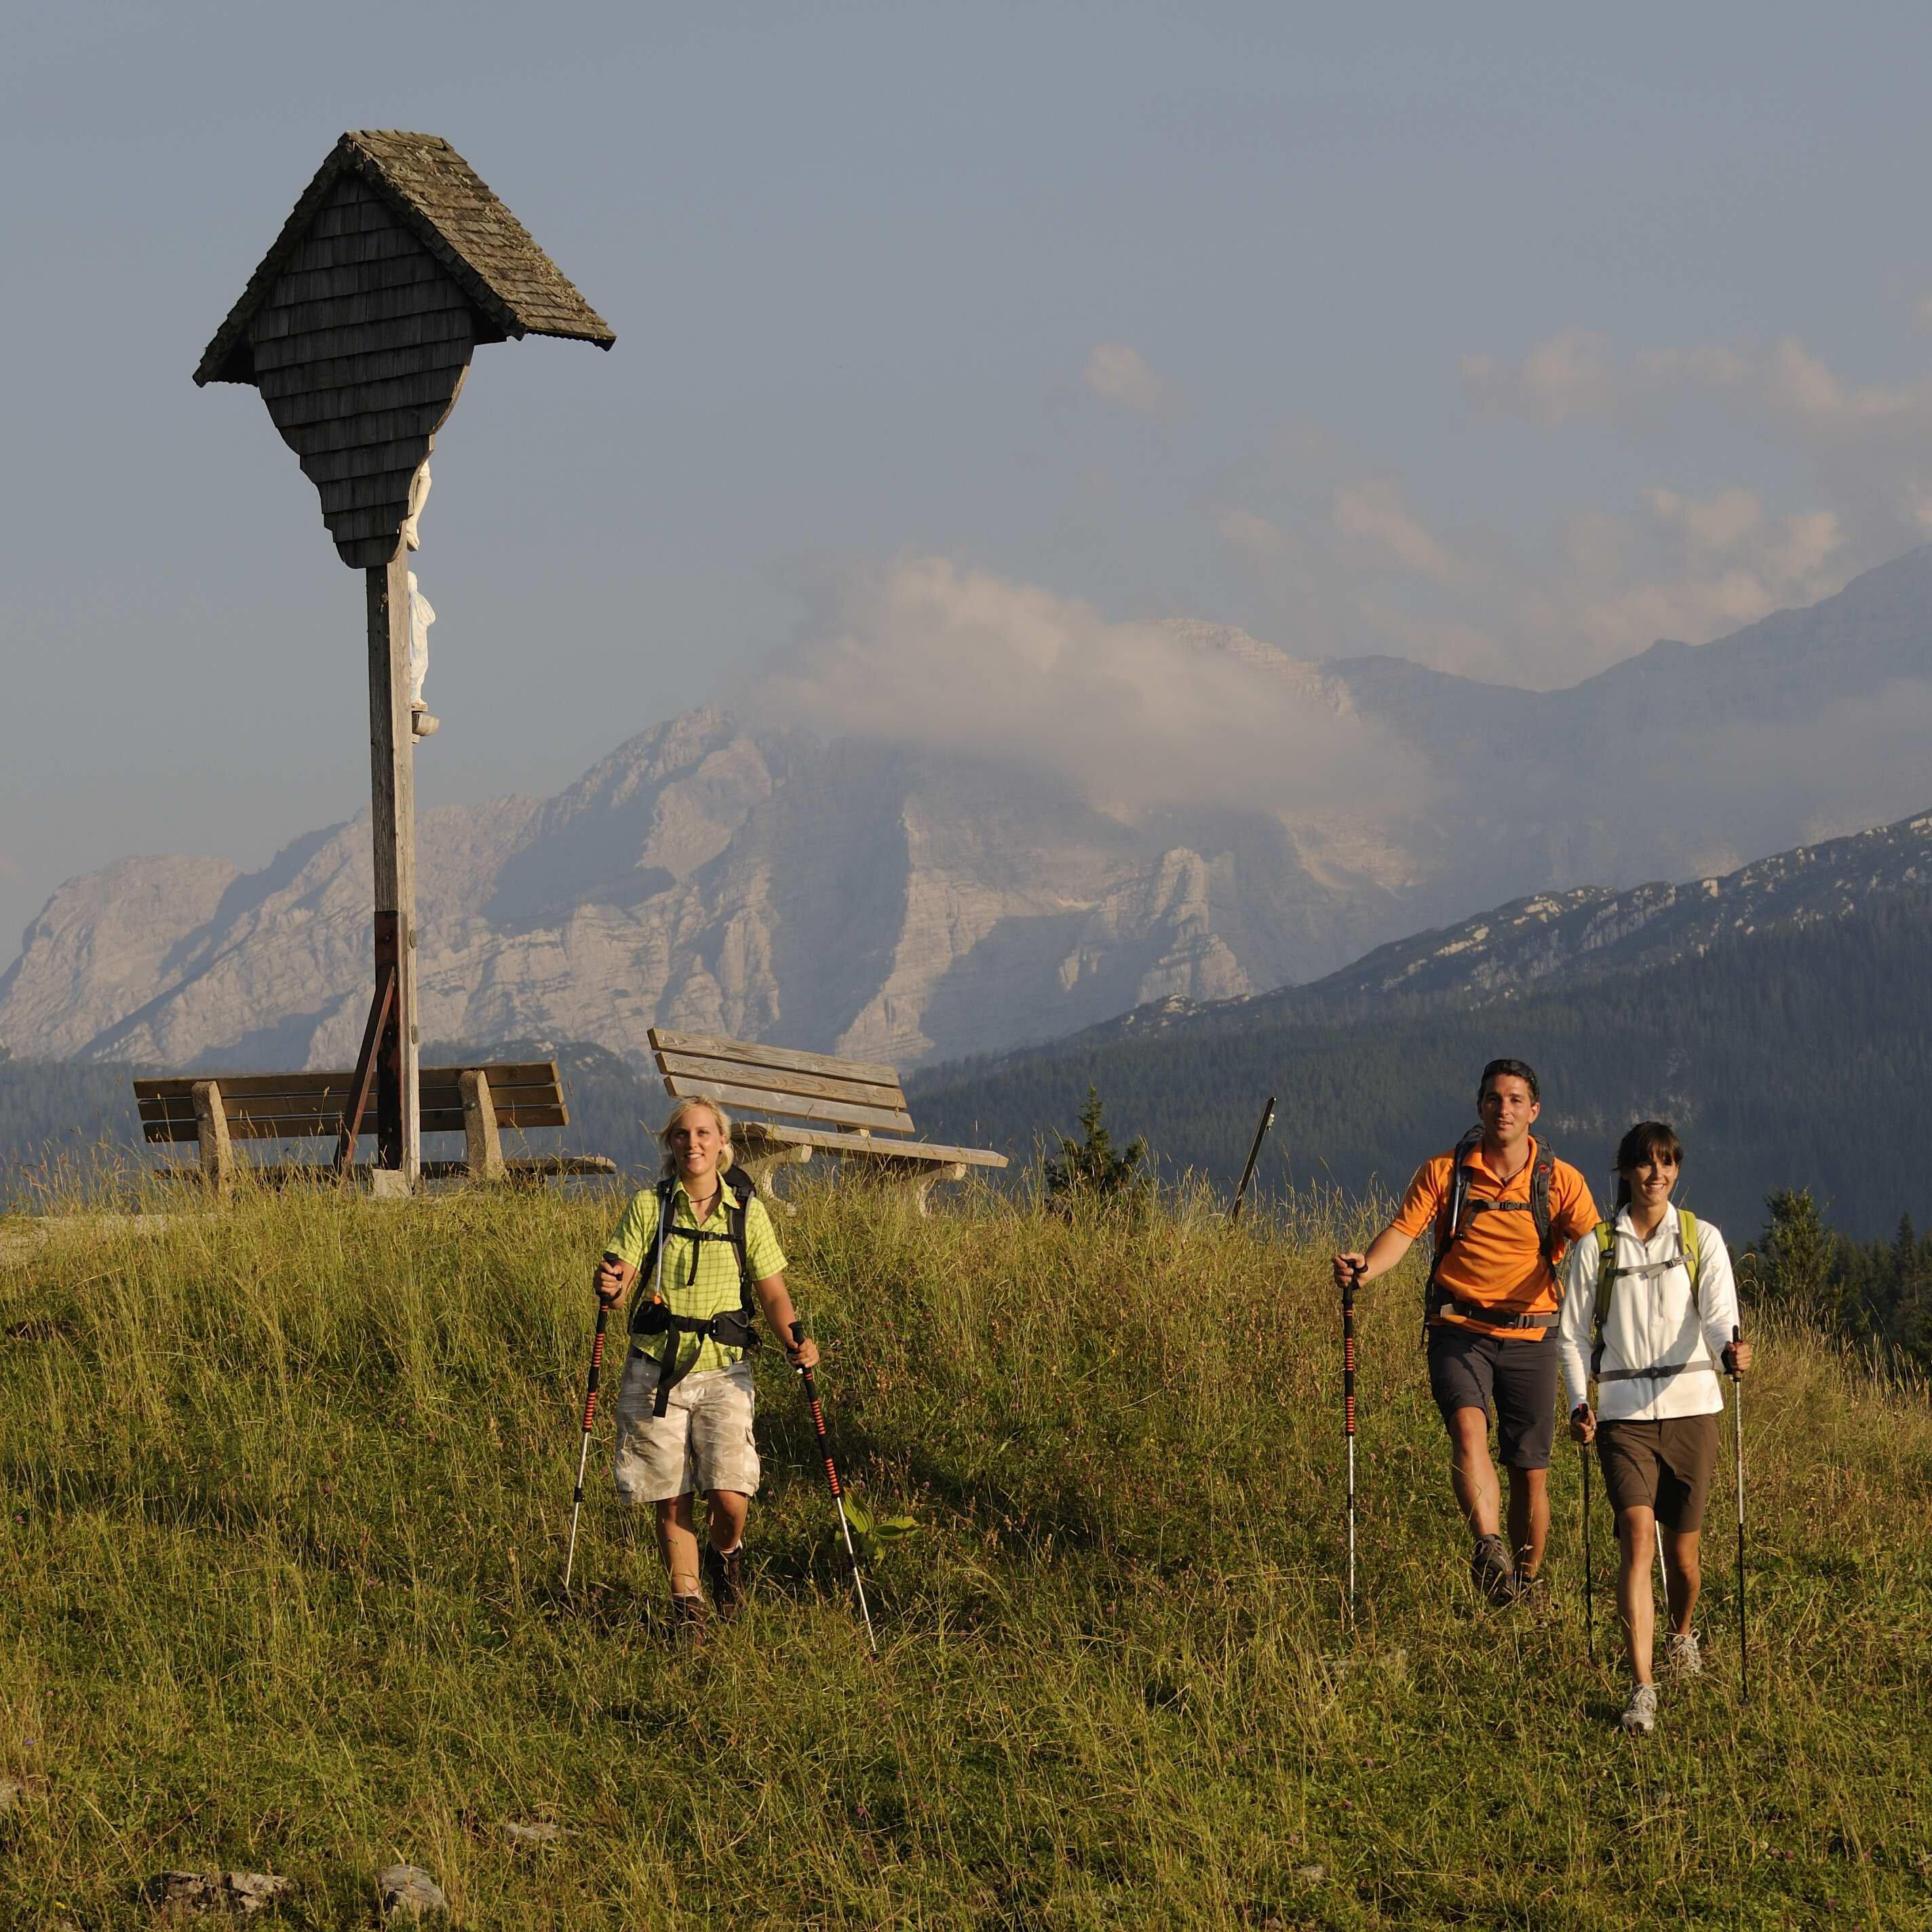 Reit im Winkl inklusiv - Geführte Tour zur Bergmesse